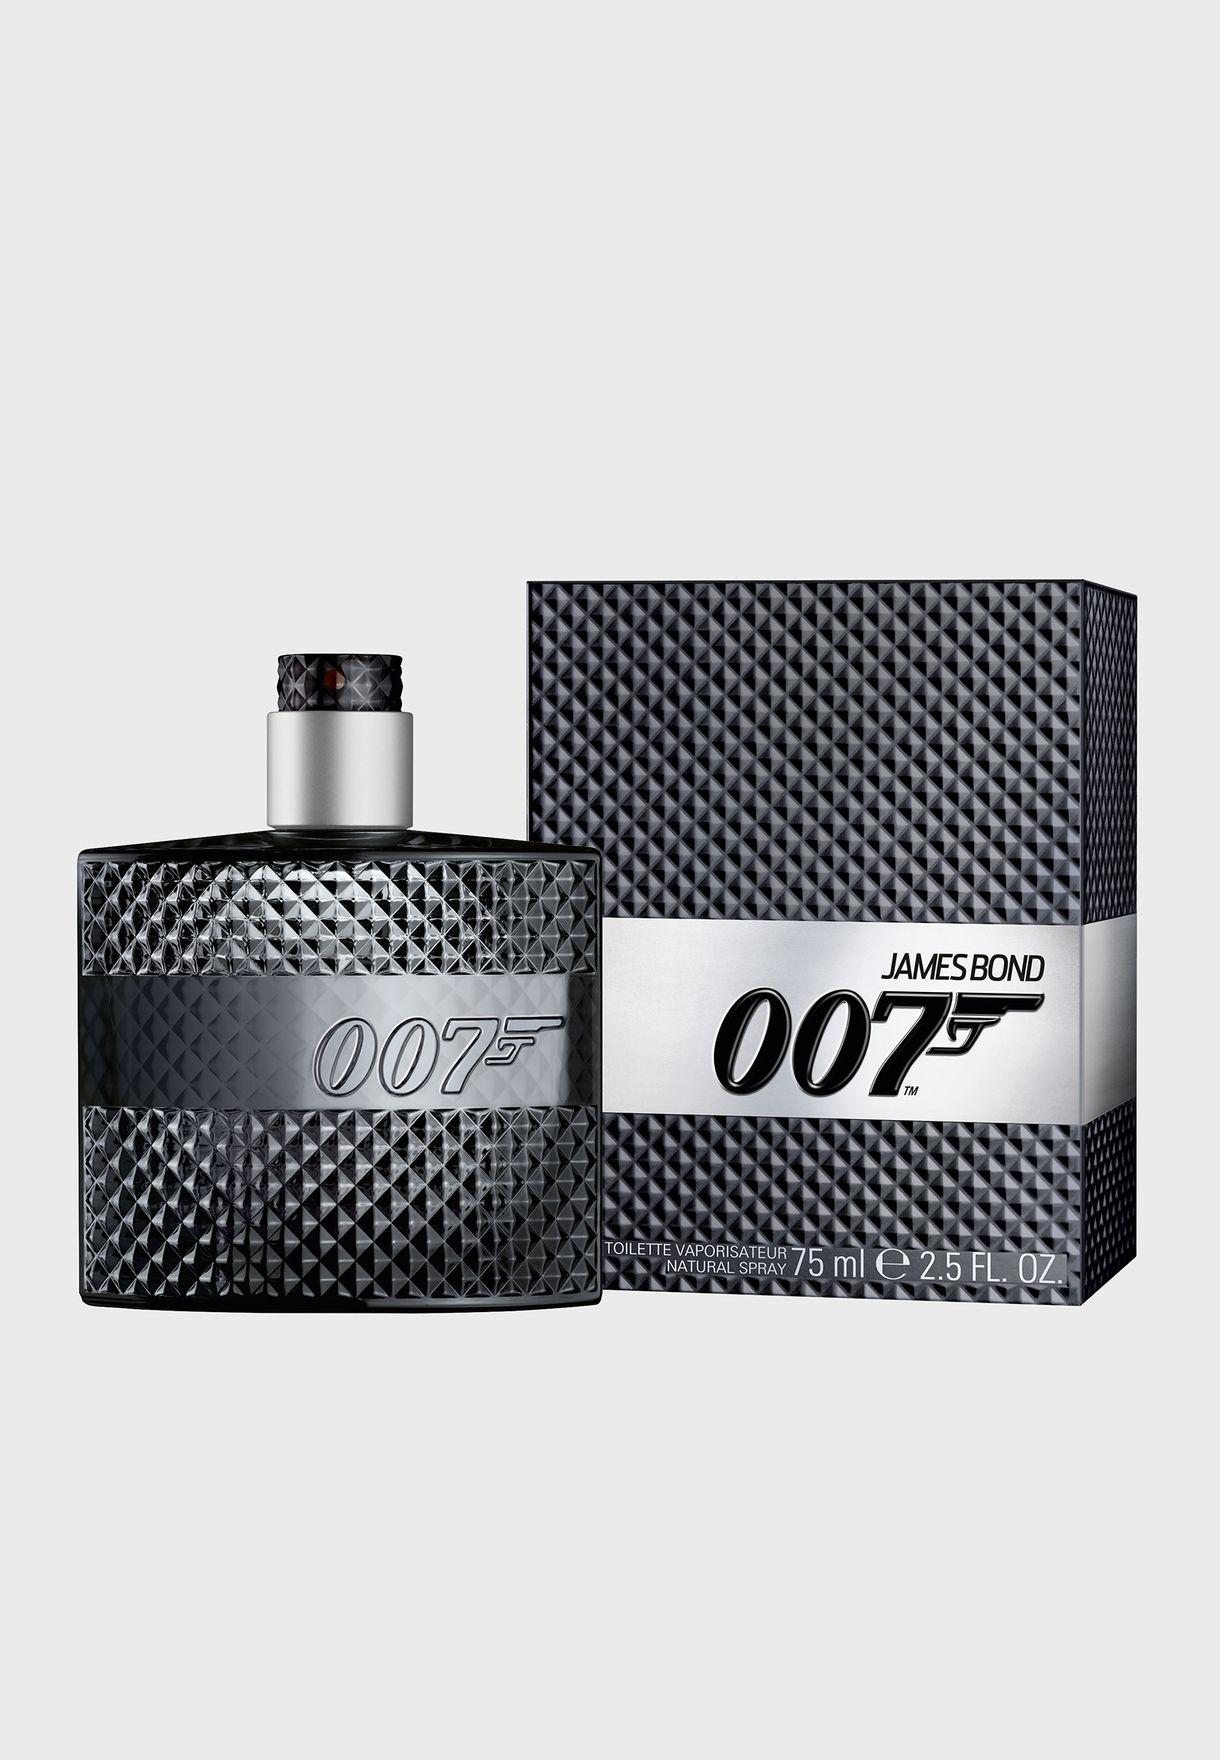 James Bond 007 For Men Edt 75ml